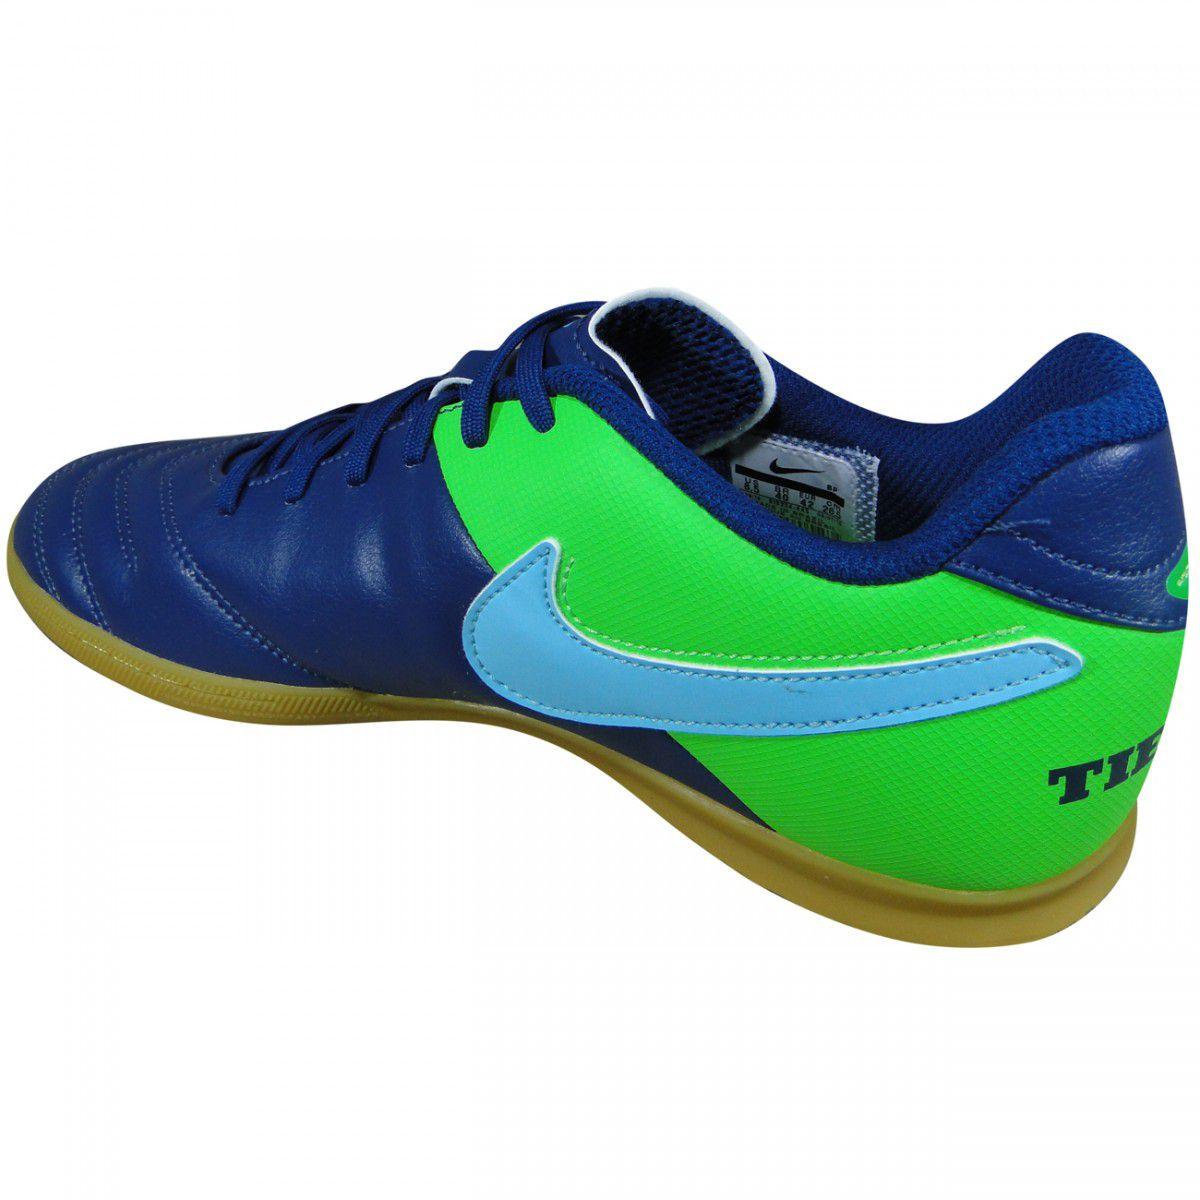 Chuteira Nike Tiempo Rio III Futsal